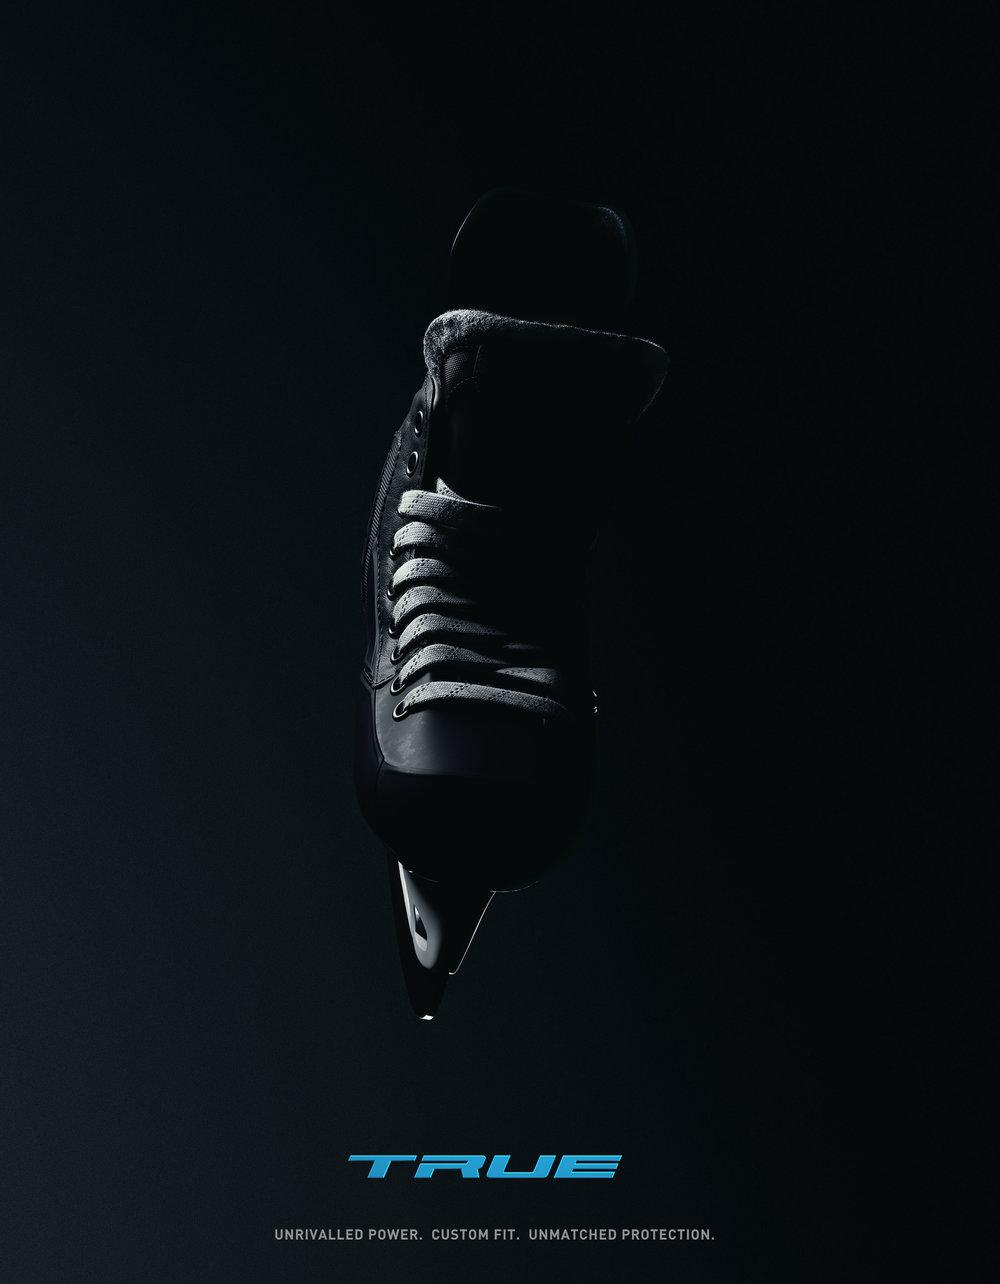 Skate_Vertical_01.jpg